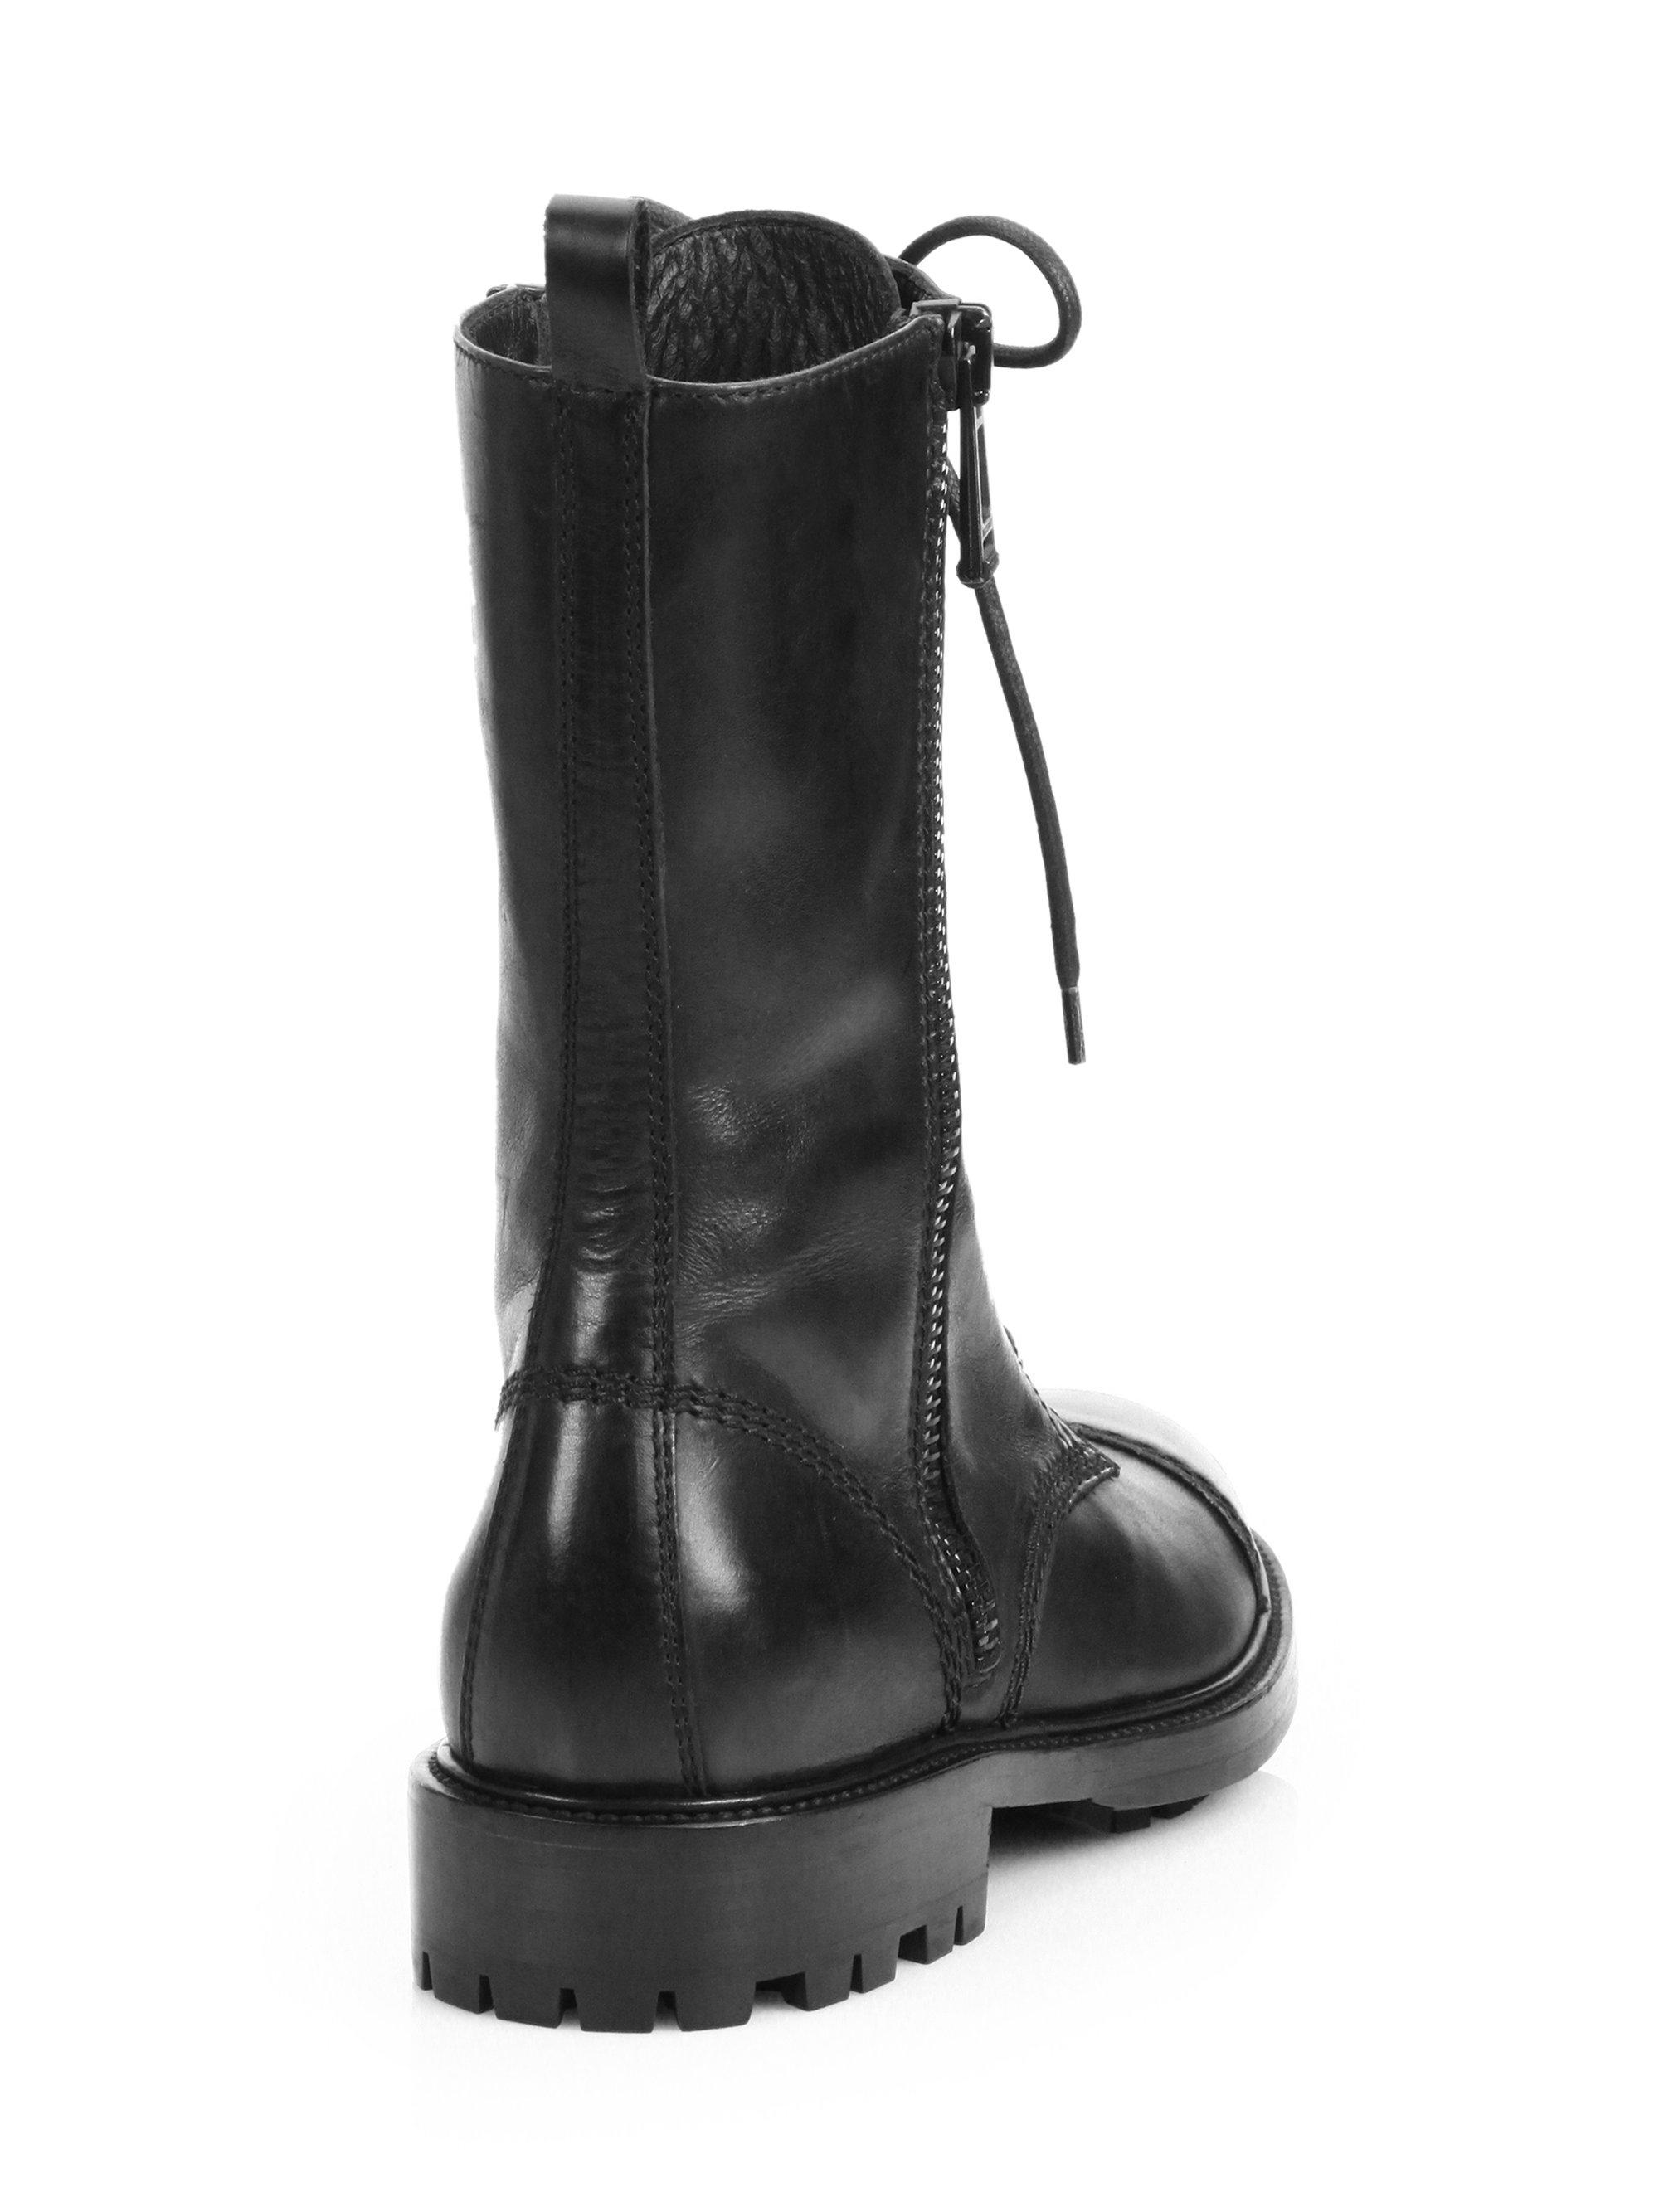 FOOTWEAR - Lace-up shoes Belstaff HTin3